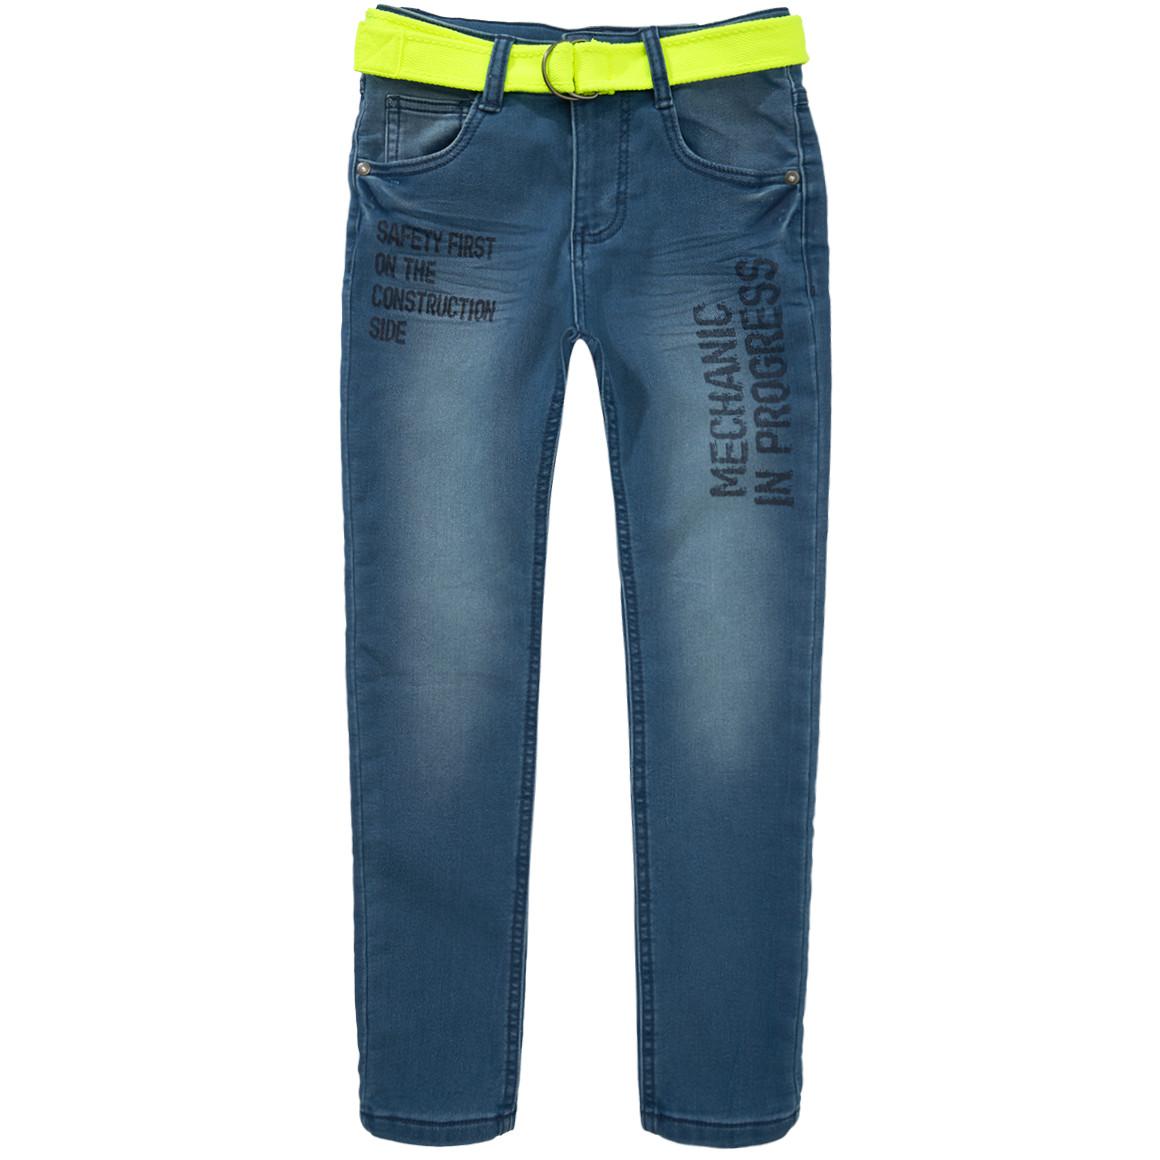 Jungen Slim Jeans mit Print